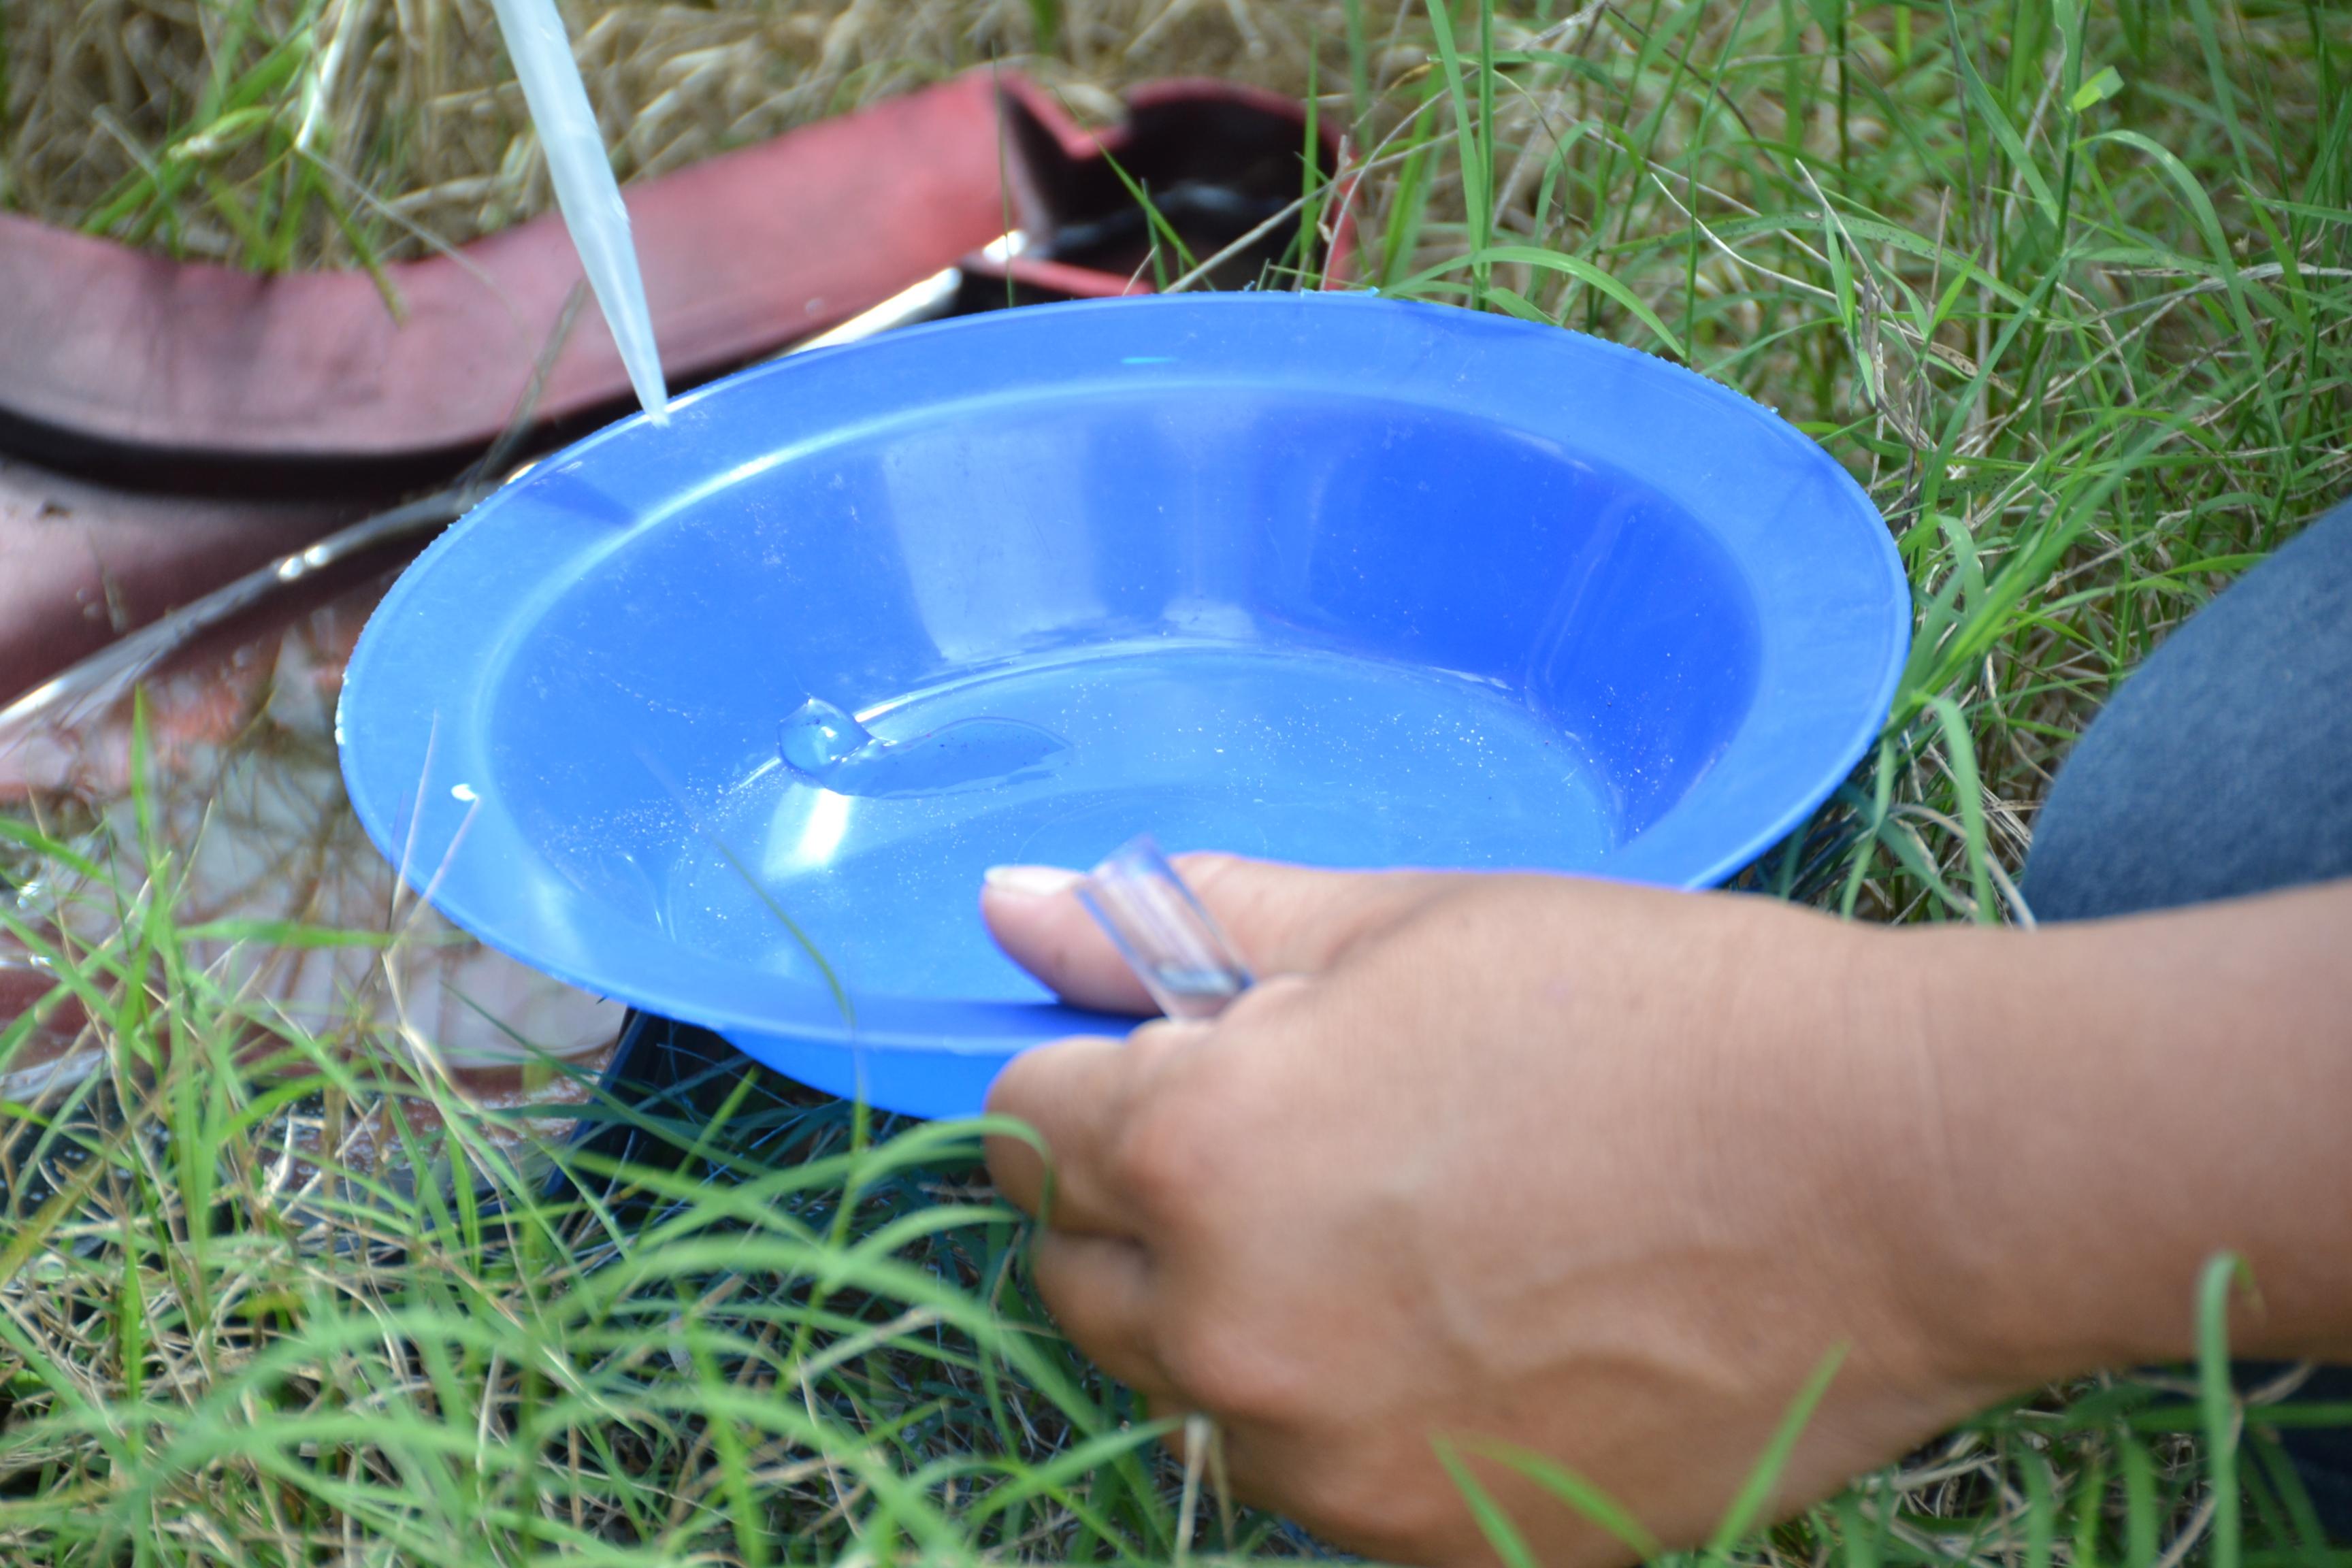 Vigilância Ambiental orienta sobre cuidados para combater o Aedes aegypti